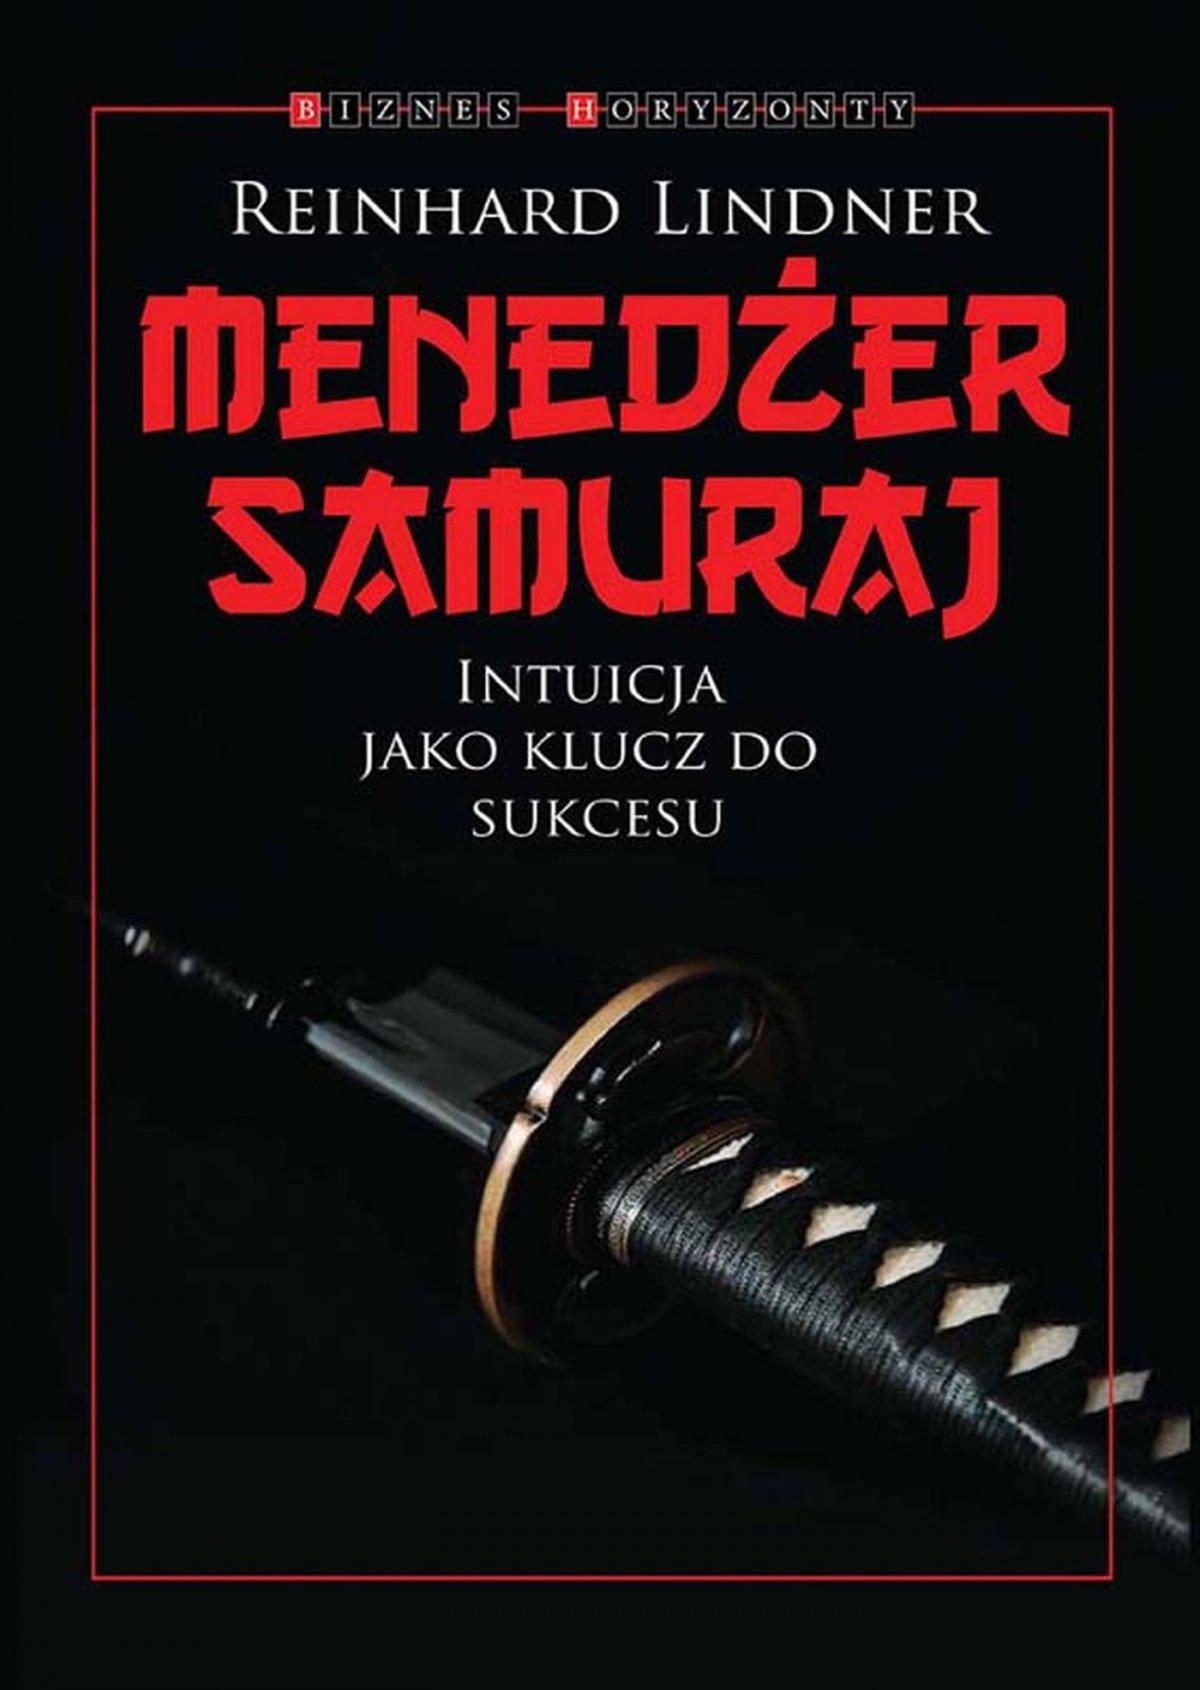 Menedżer Samuraj - Ebook (Książka EPUB) do pobrania w formacie EPUB